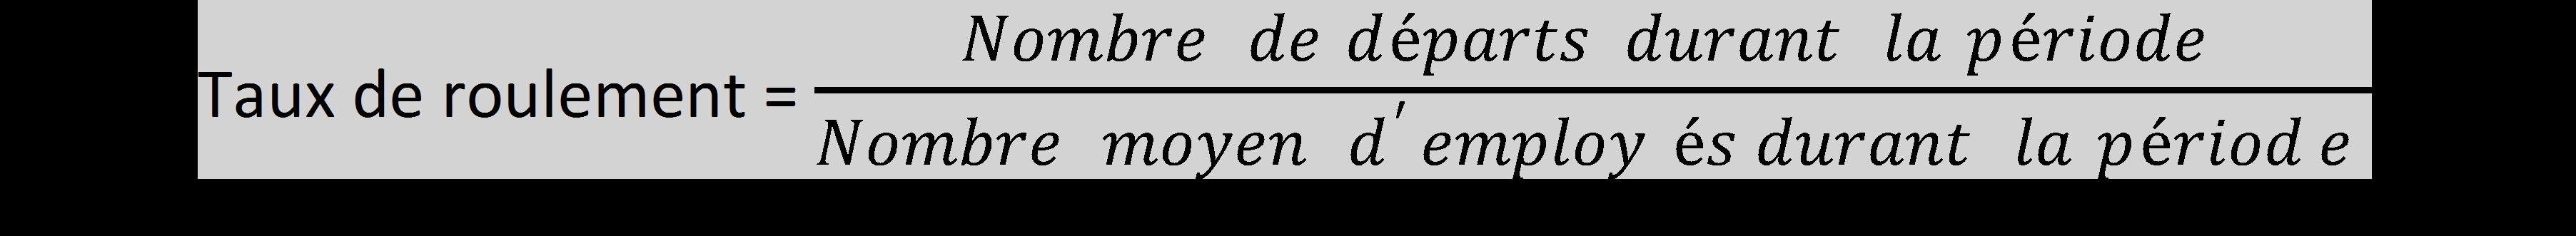 formule roulement